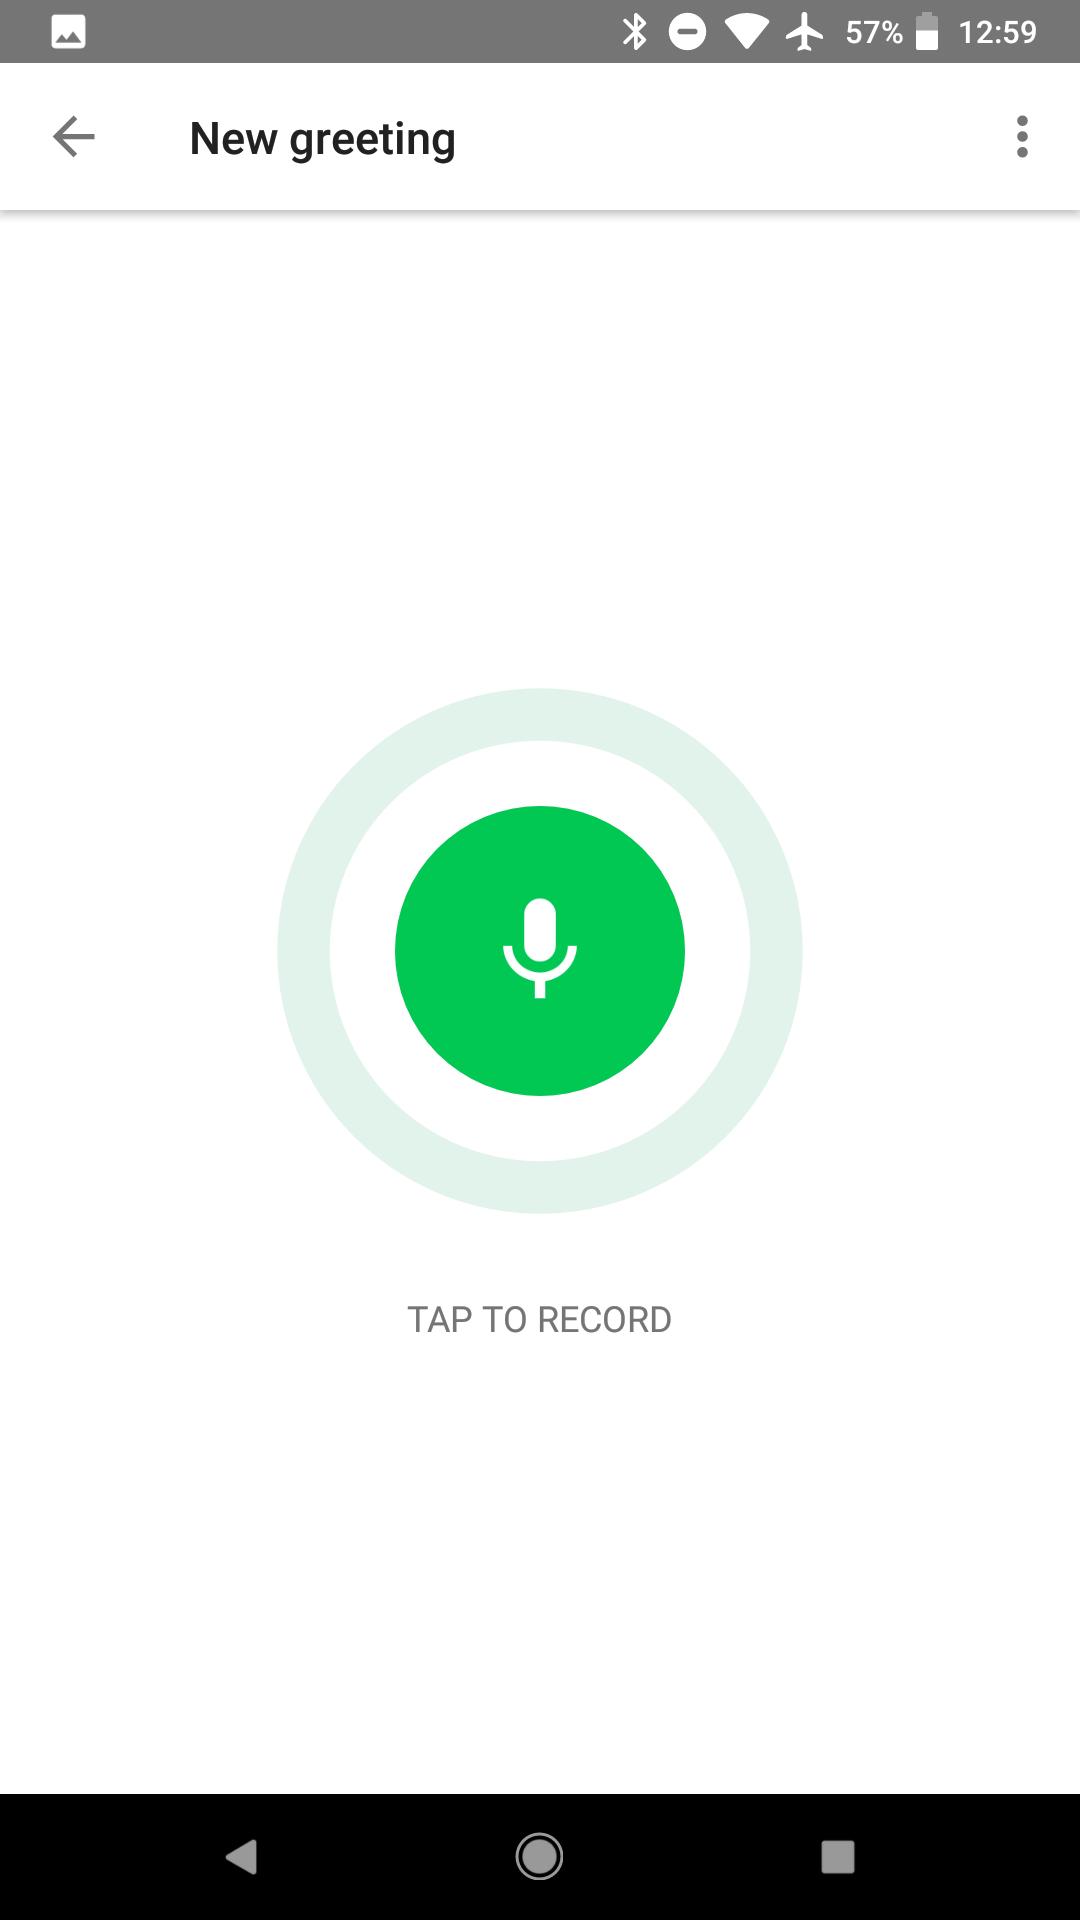 Google voice 5 10 voicemail 1 9to5google google voice 5 10 voicemail 1 m4hsunfo